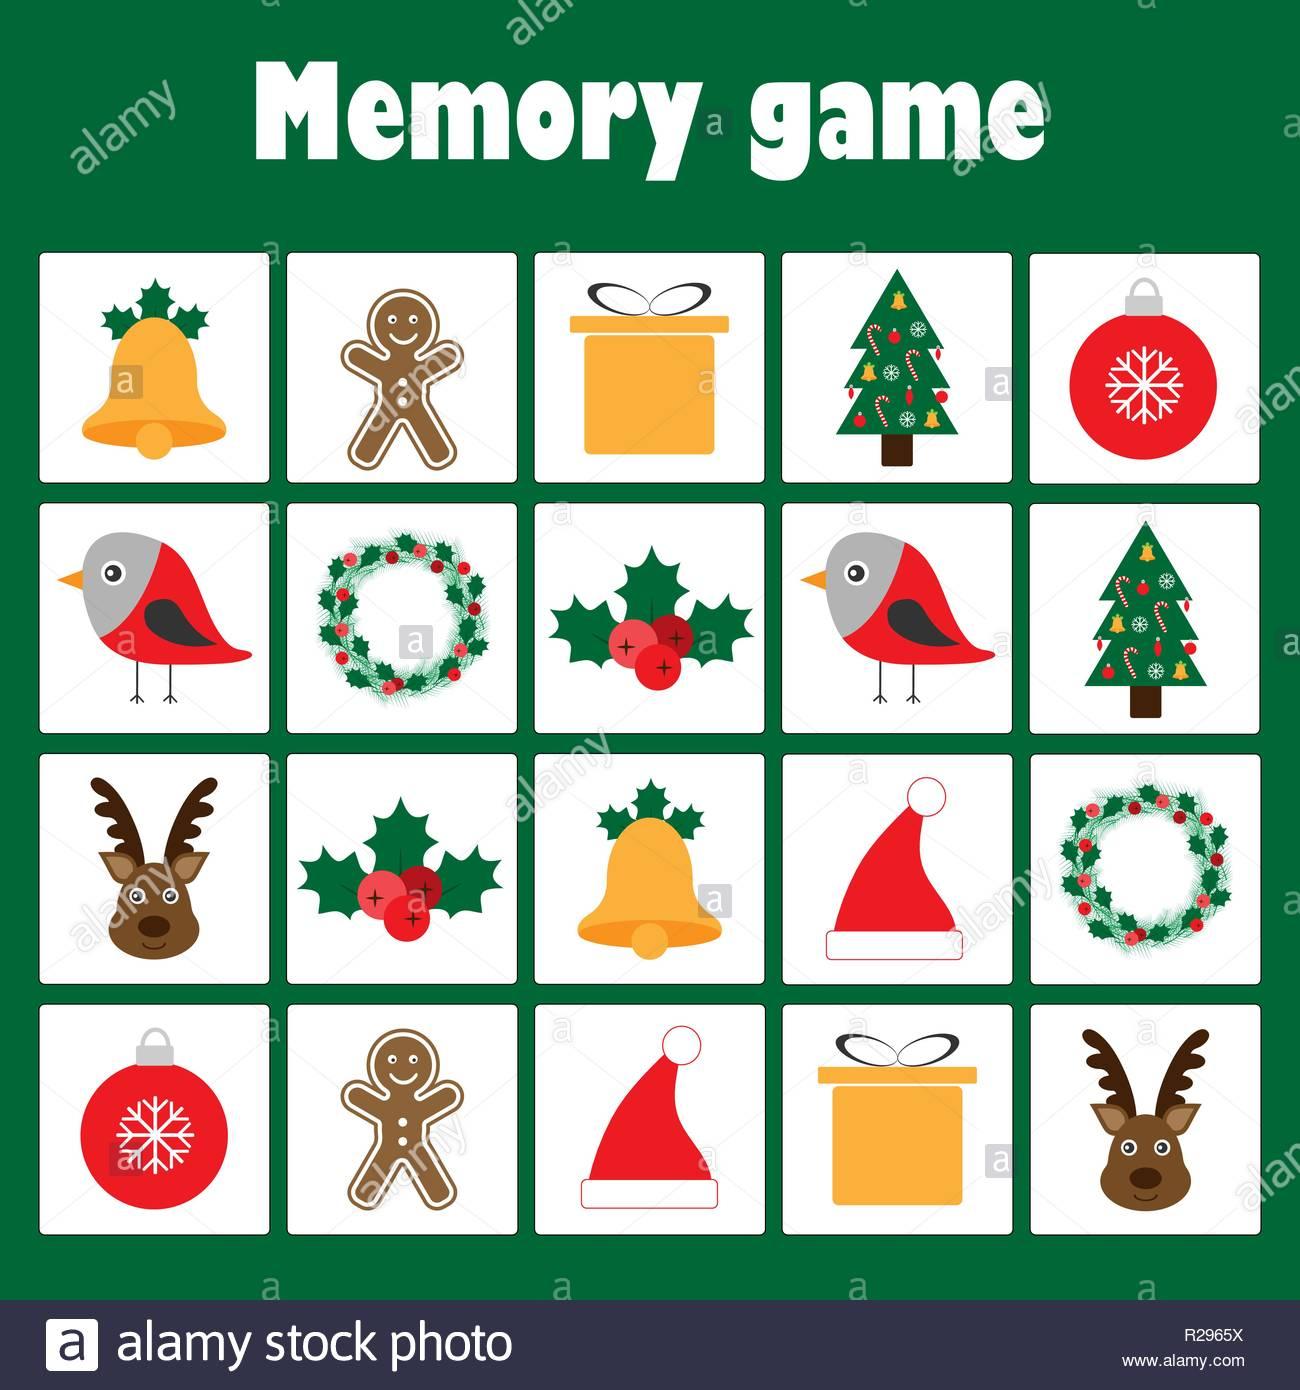 Jeu De Mémoire Avec Des Images - Thème De Noël Pour Les tout Jeux De Memoire Pour Enfant